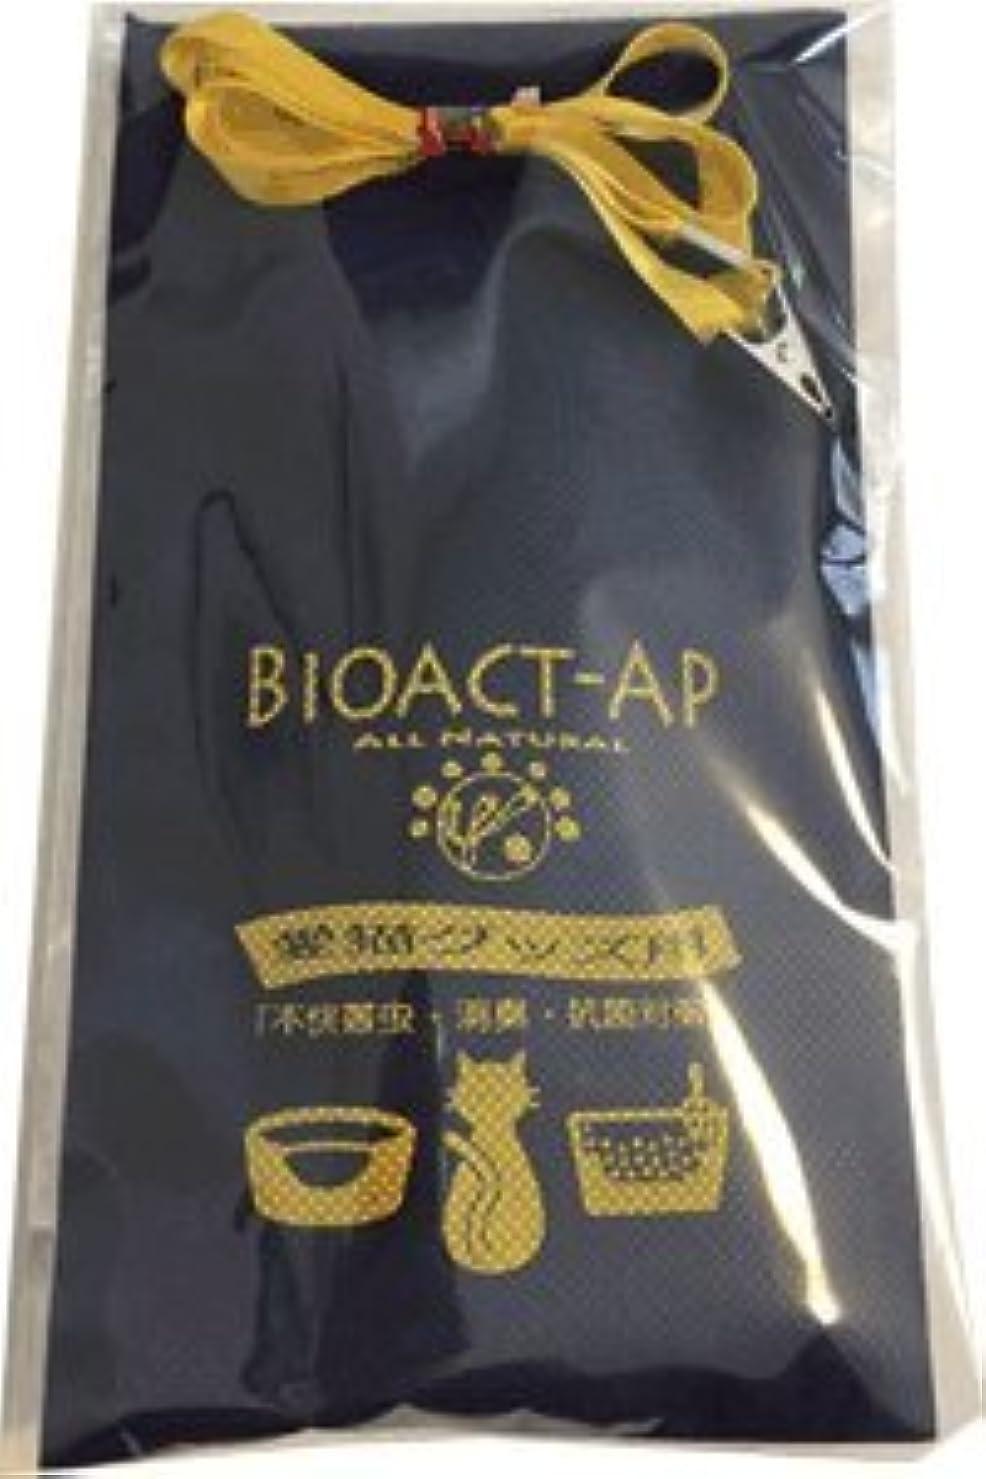 愛猫グッズの消臭&抗菌対策に!【BIOACT-AP 愛猫用】ニーム他植物オイル成分なのでネコちゃんに安心?安全にお使いいただけます!※全国送料無料